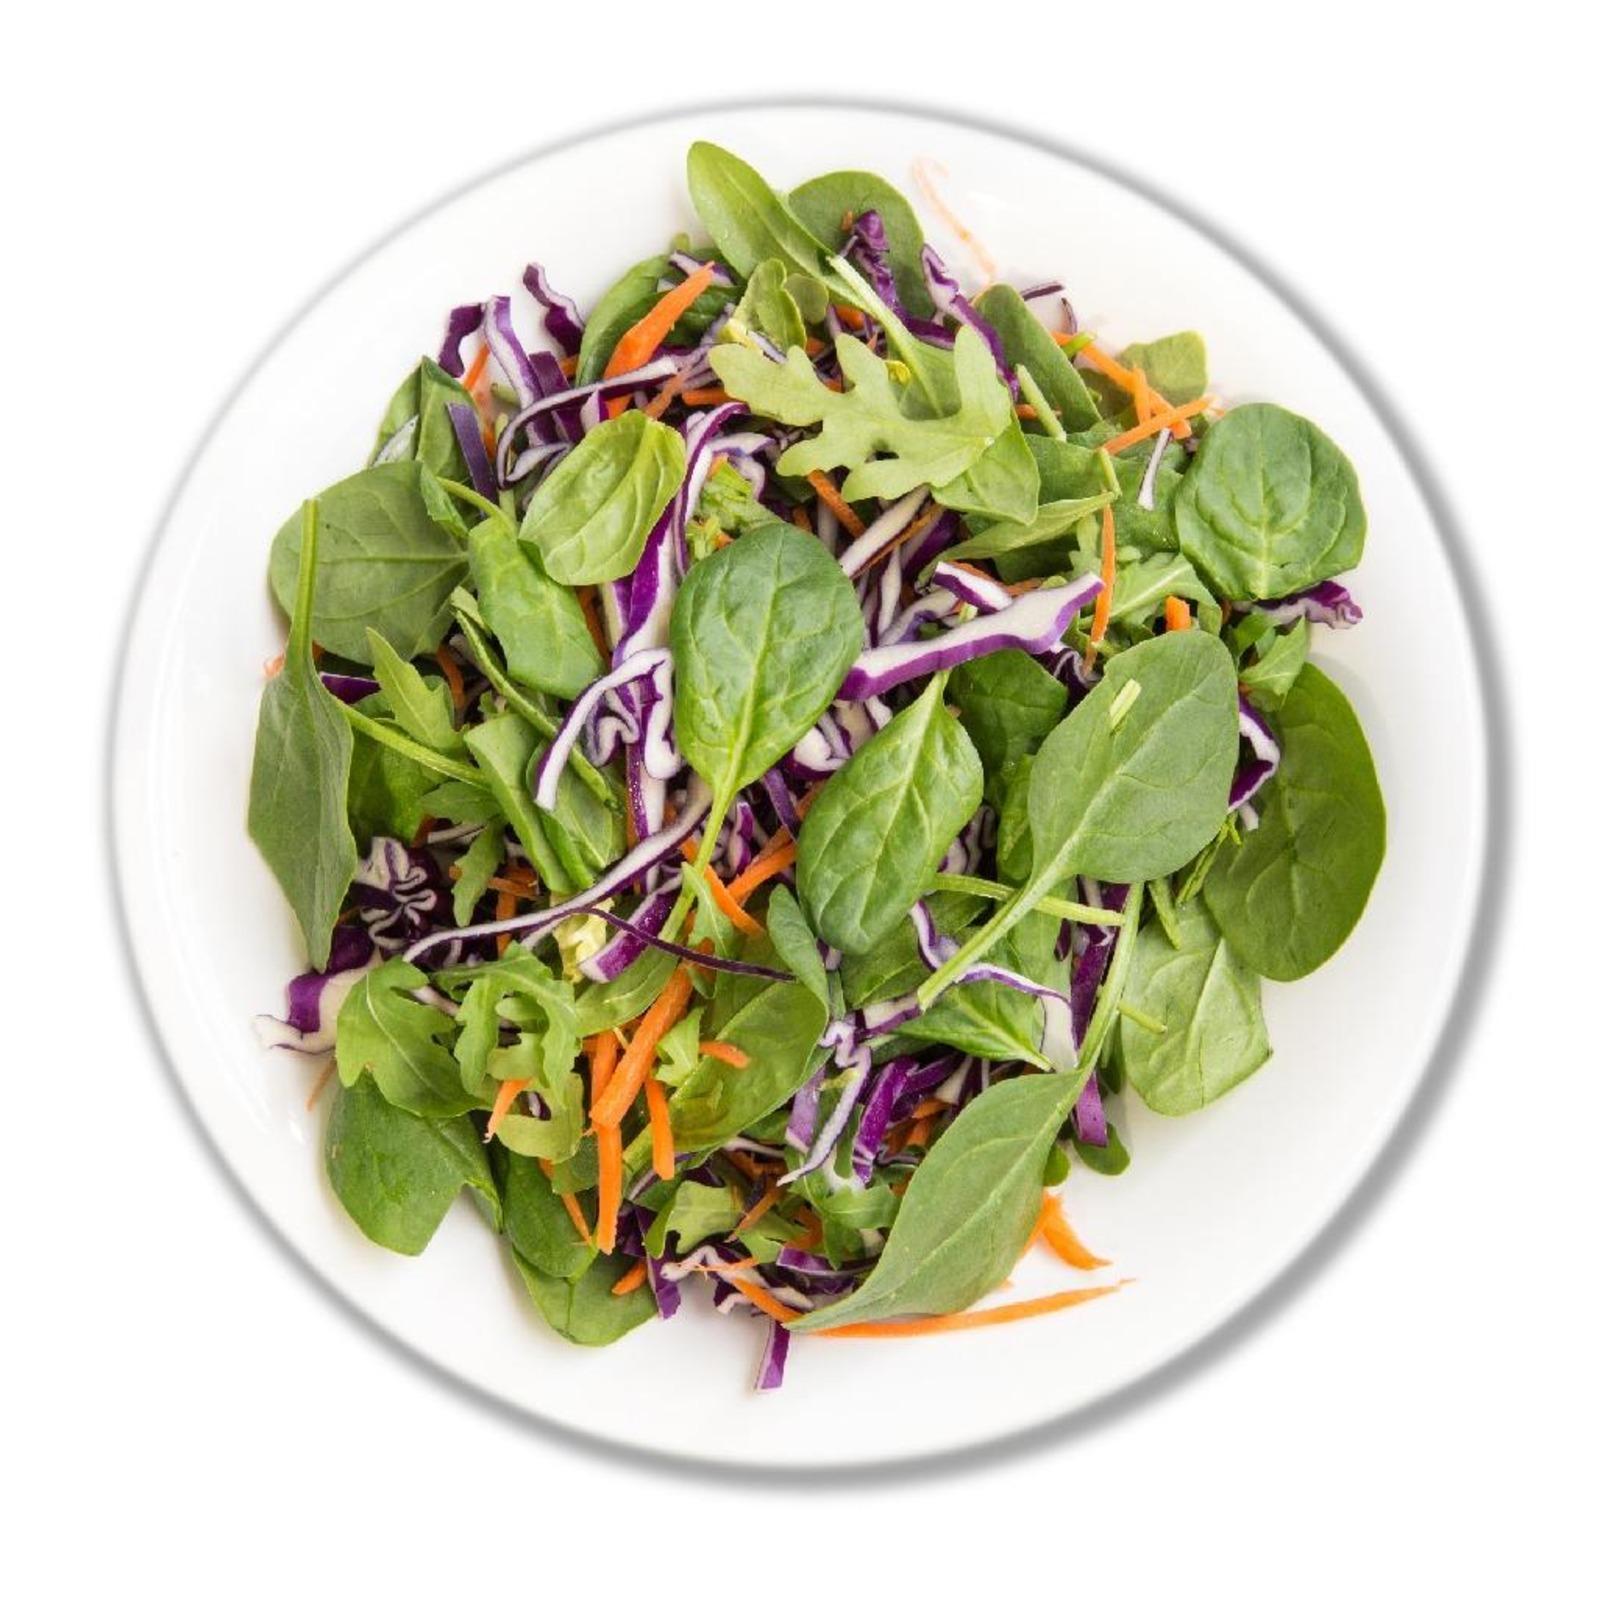 YOLO Healthy Food Mixed Salad 250 G